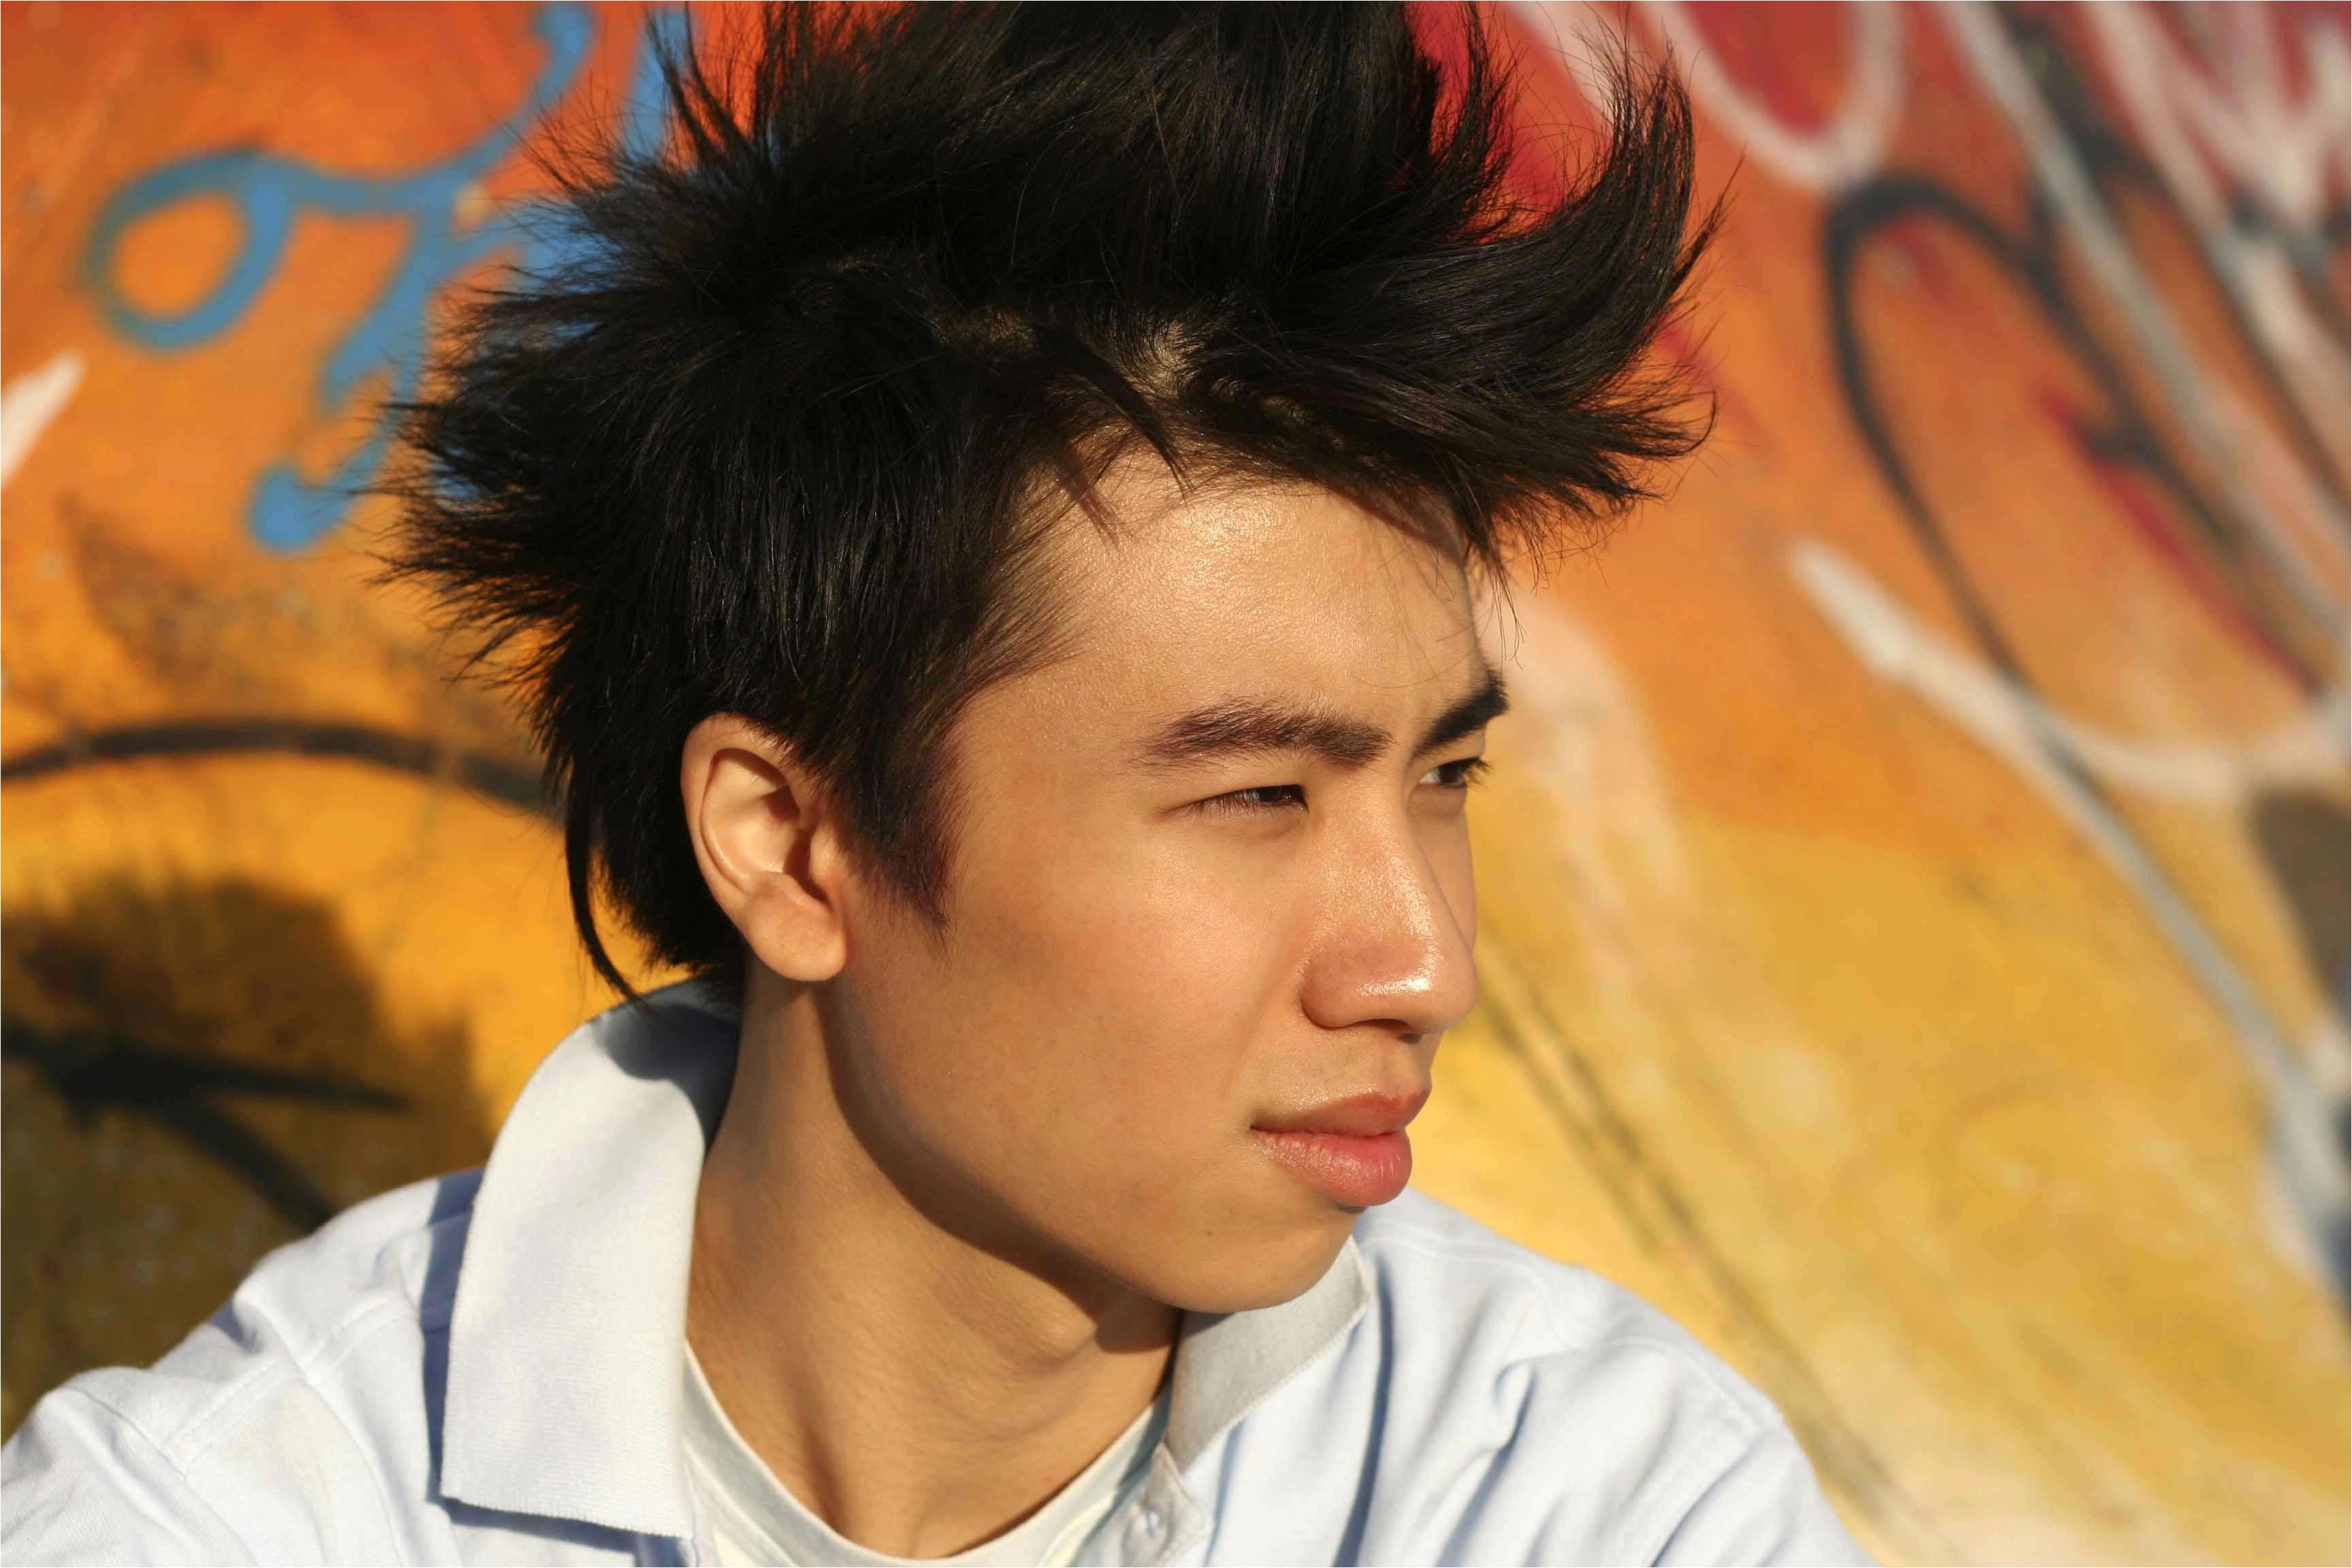 Asian Men Hair Styles Elegant Undercut Hairstyle asian Beautiful My Kind Man S Haircut Haircut